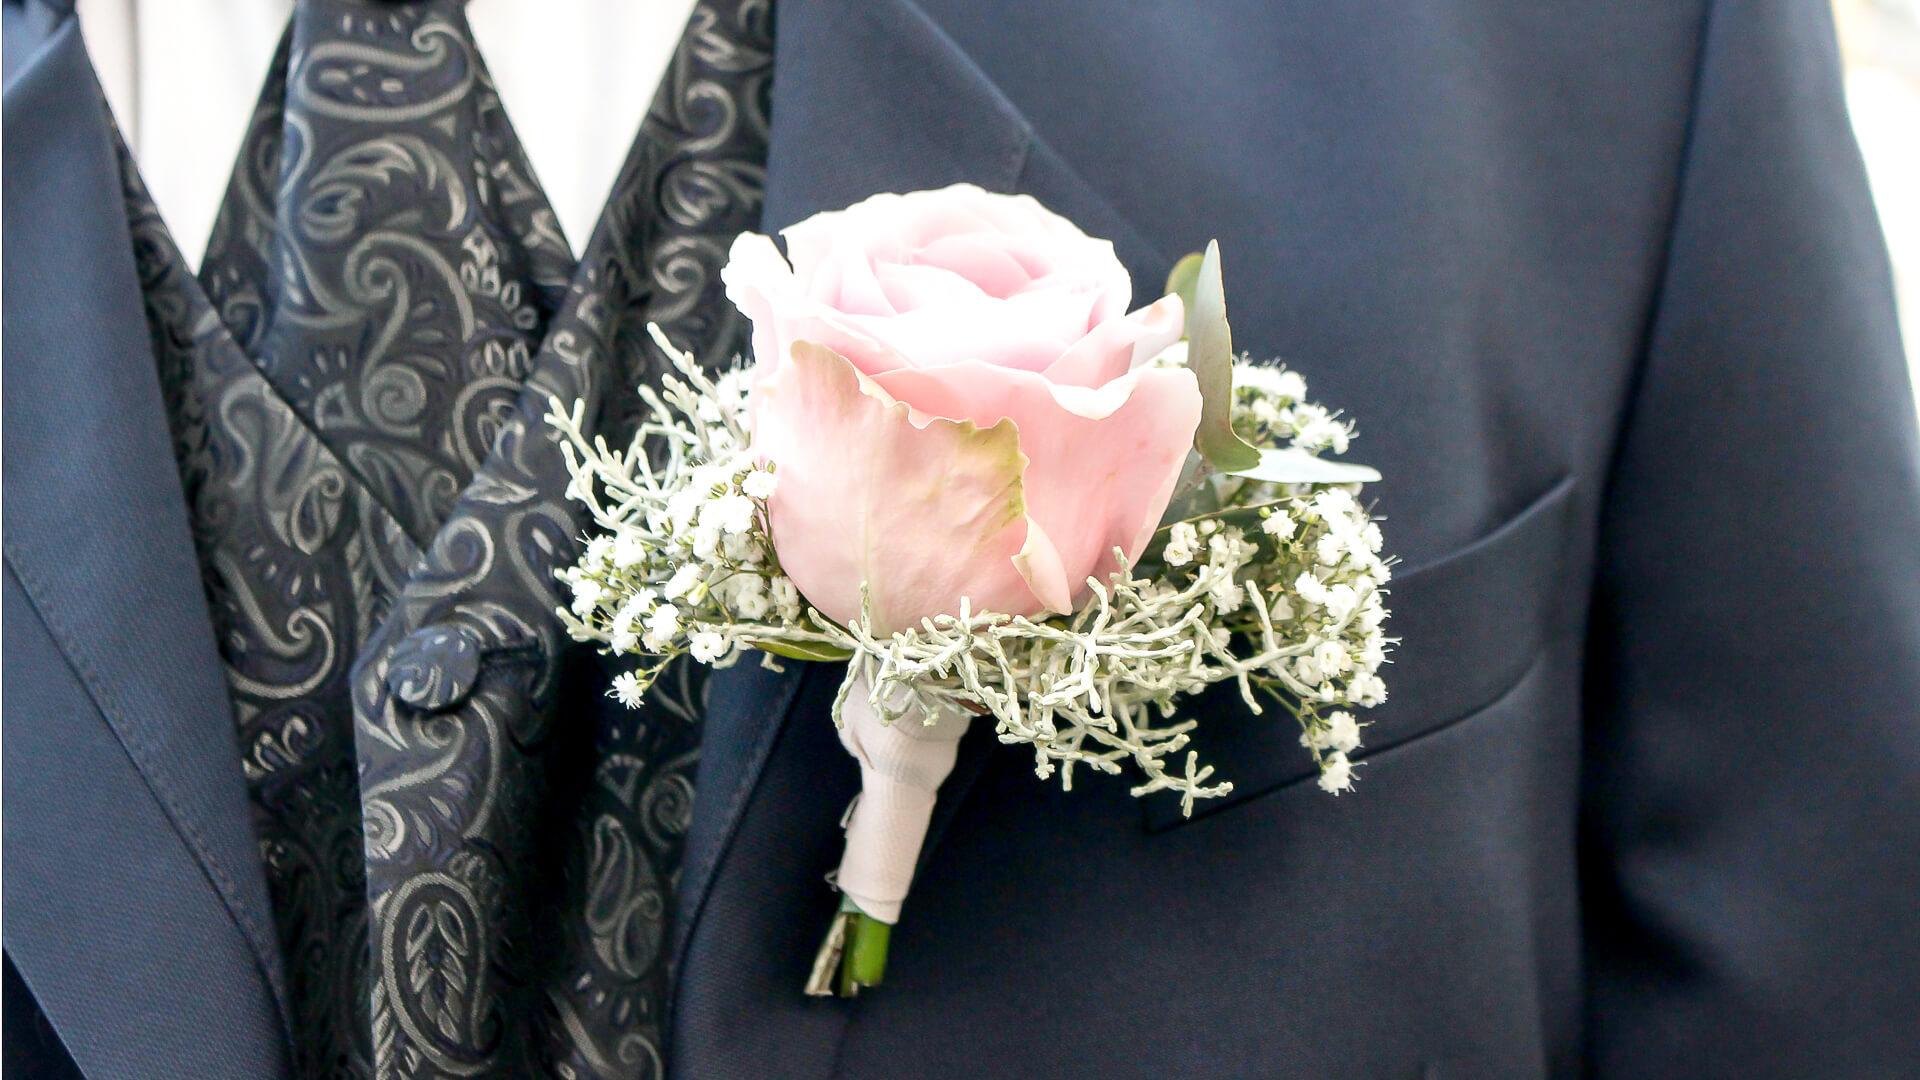 Regio Groningen, bruidswerk, Lijn 10, zuidhorn, fotograaf zuidhorn, fotografie zuidhorn, trouwen, corsage, lint, lijn 10, zuidhorn